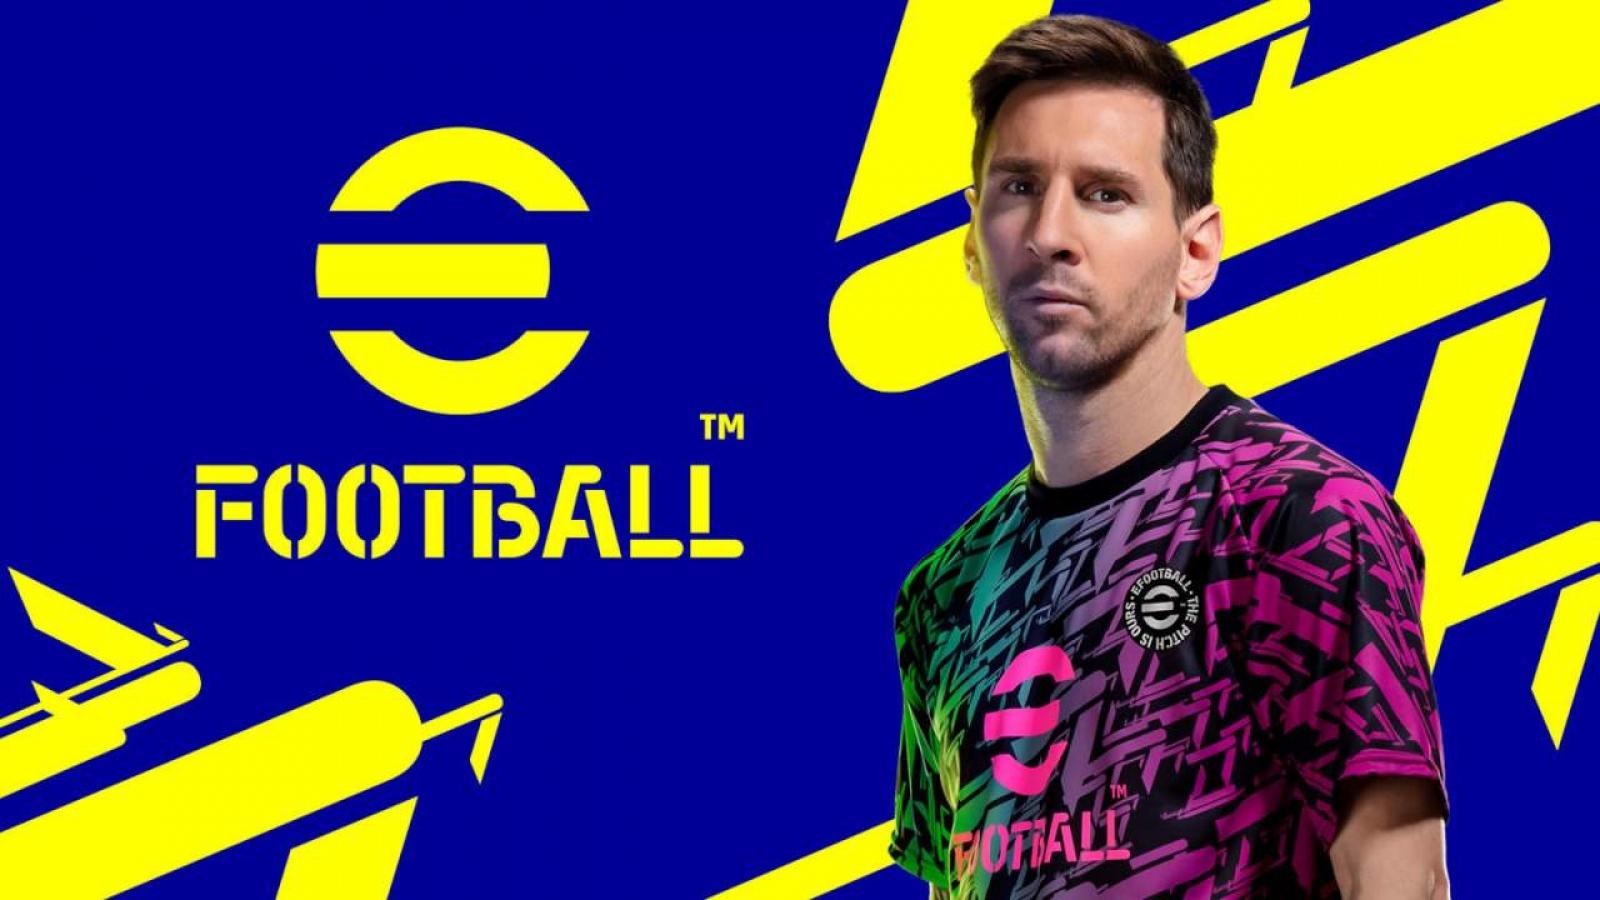 PES bất ngờ đổi thành eFootball, cho chơi miễn phí